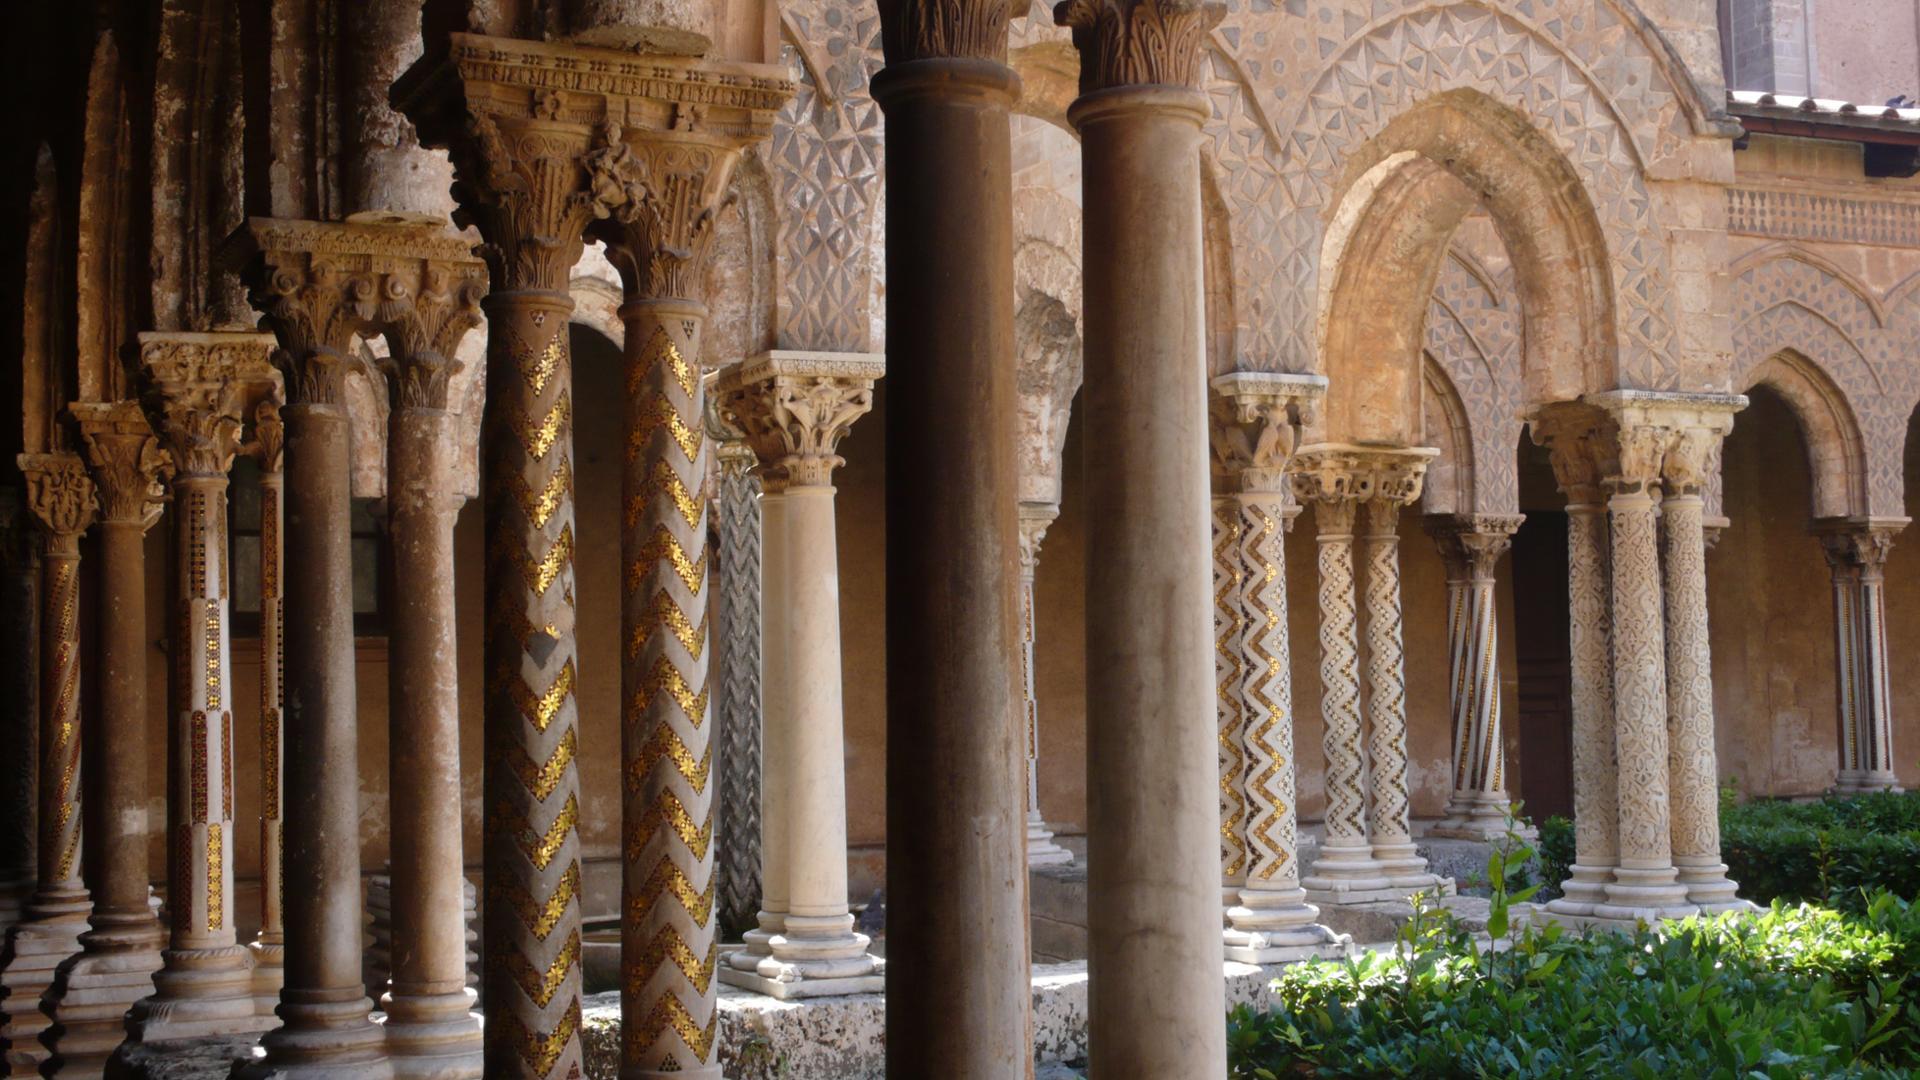 Forêt de colonnes